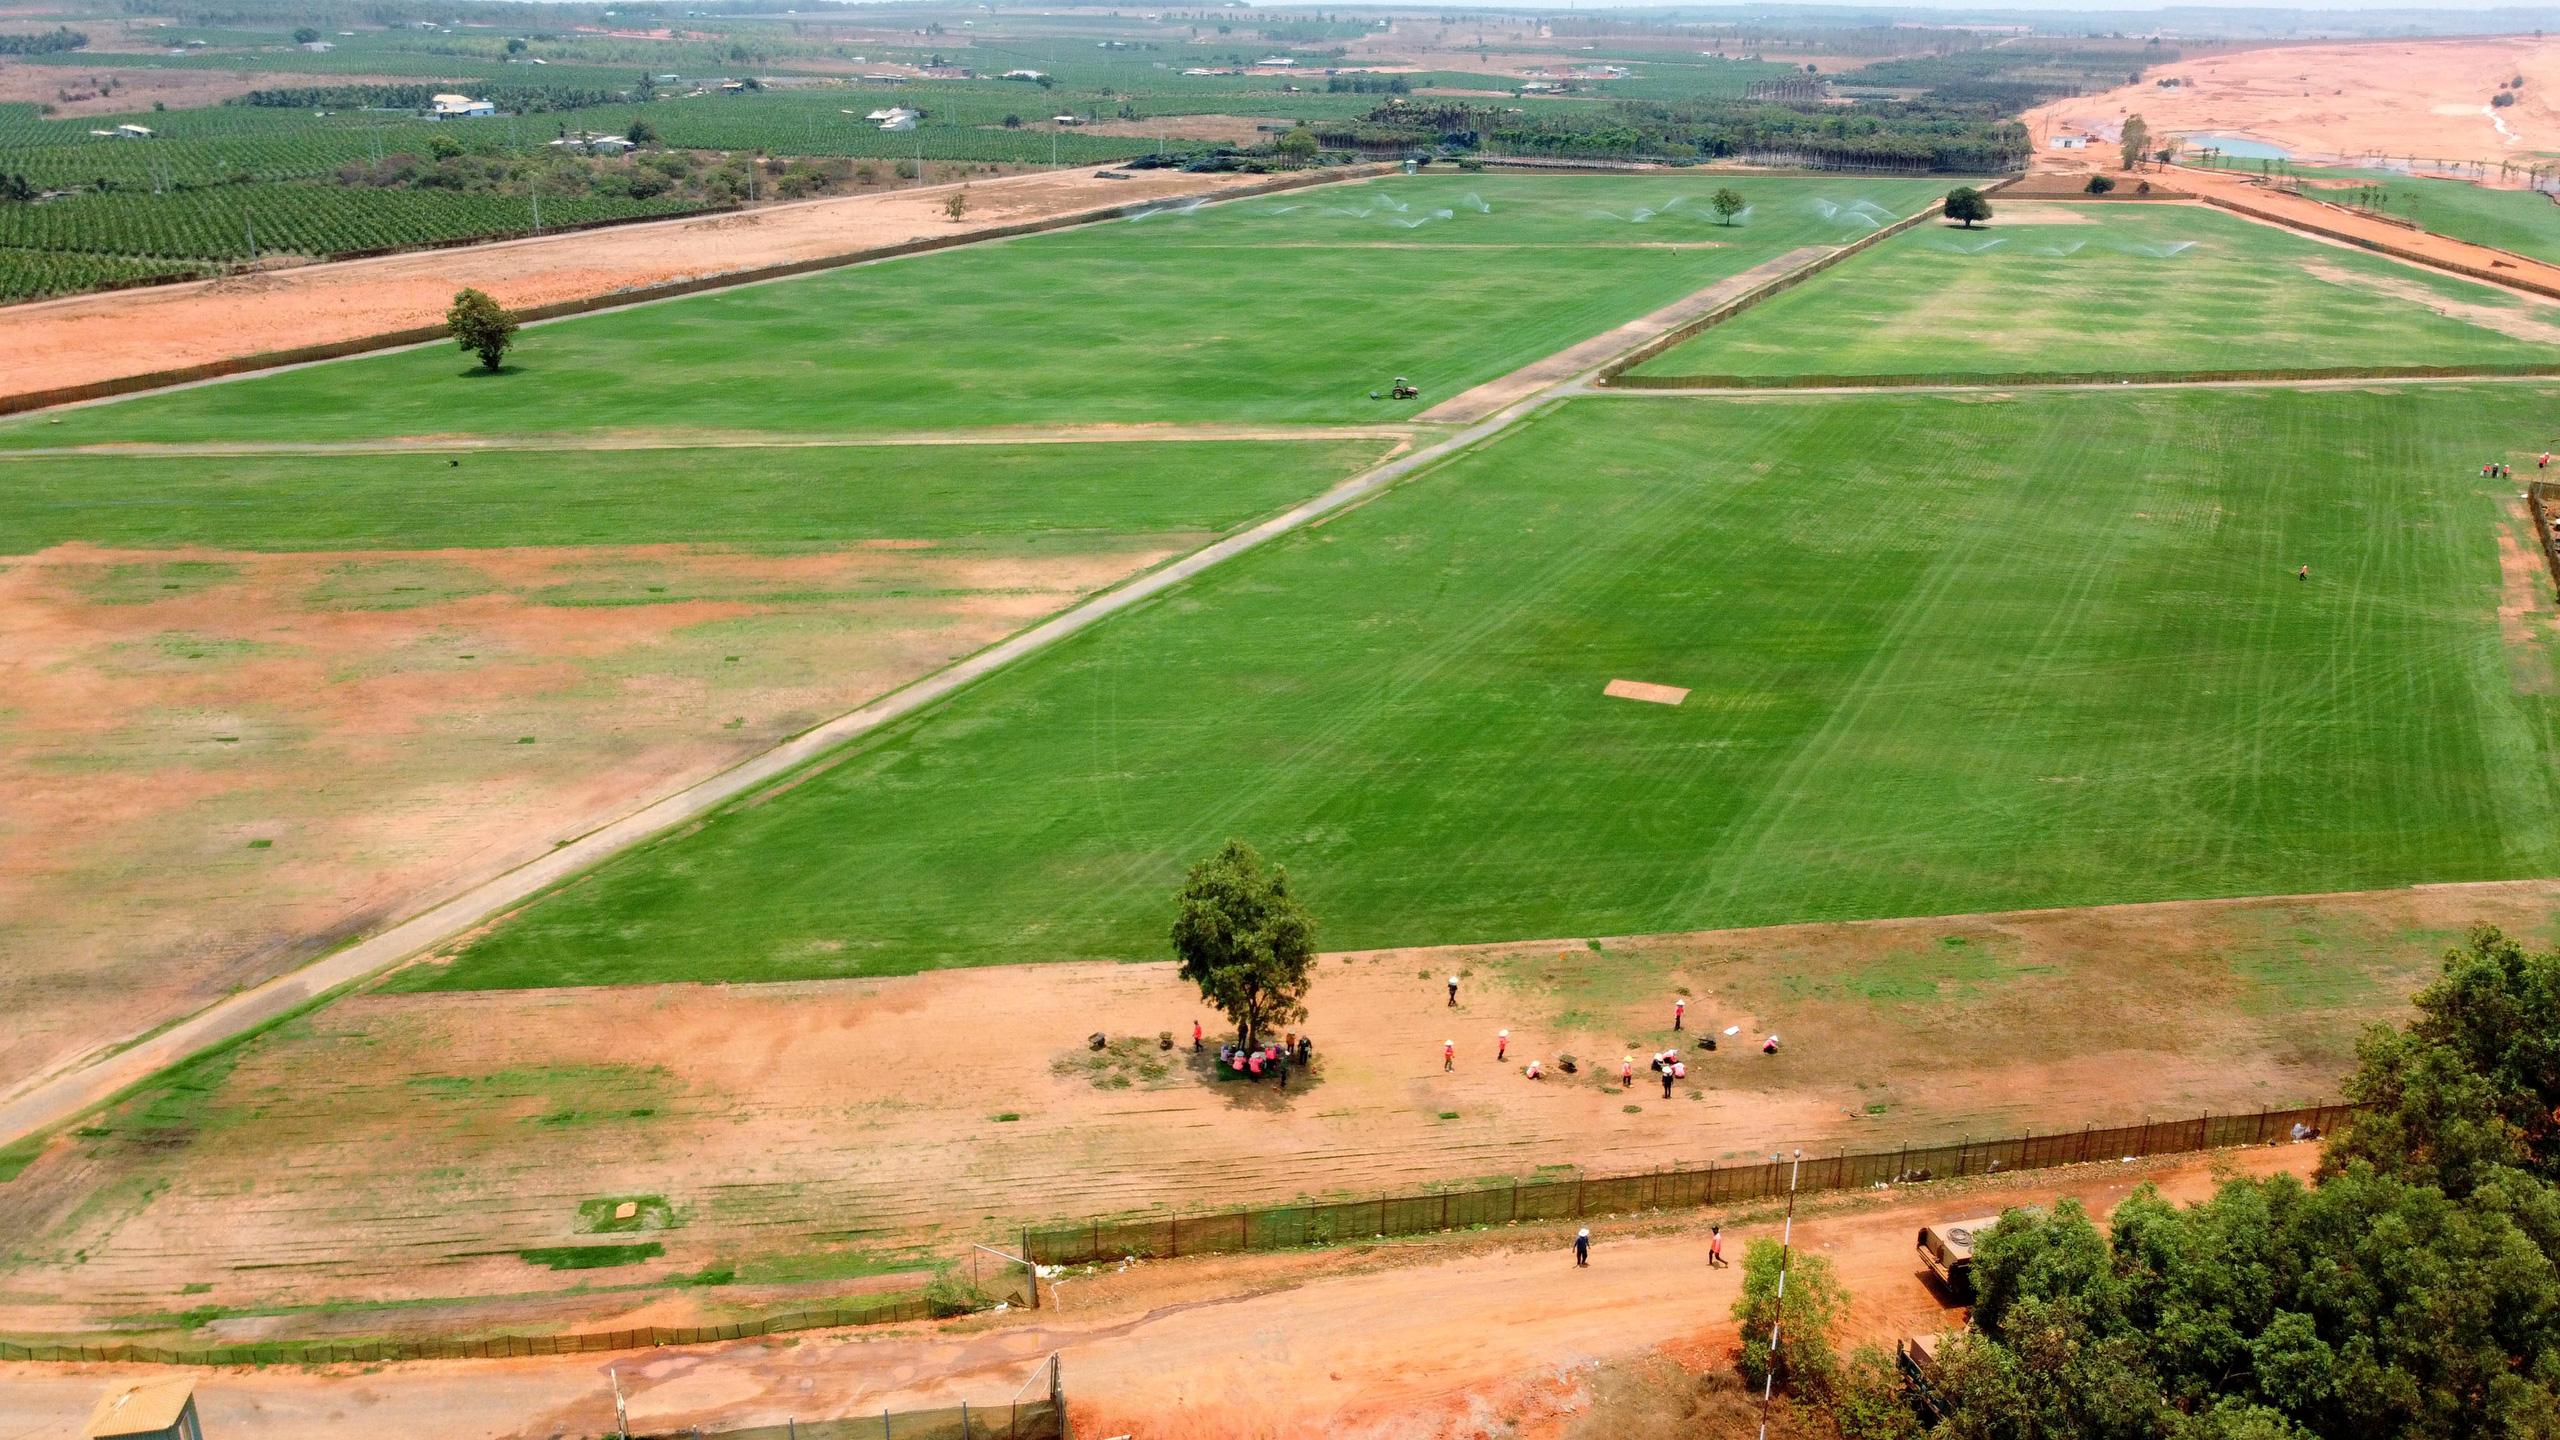 Cận cảnh sân golf tiêu chuẩn PGA tại Novaworld Phan Thiet trước ngày khai trương - Ảnh 6.